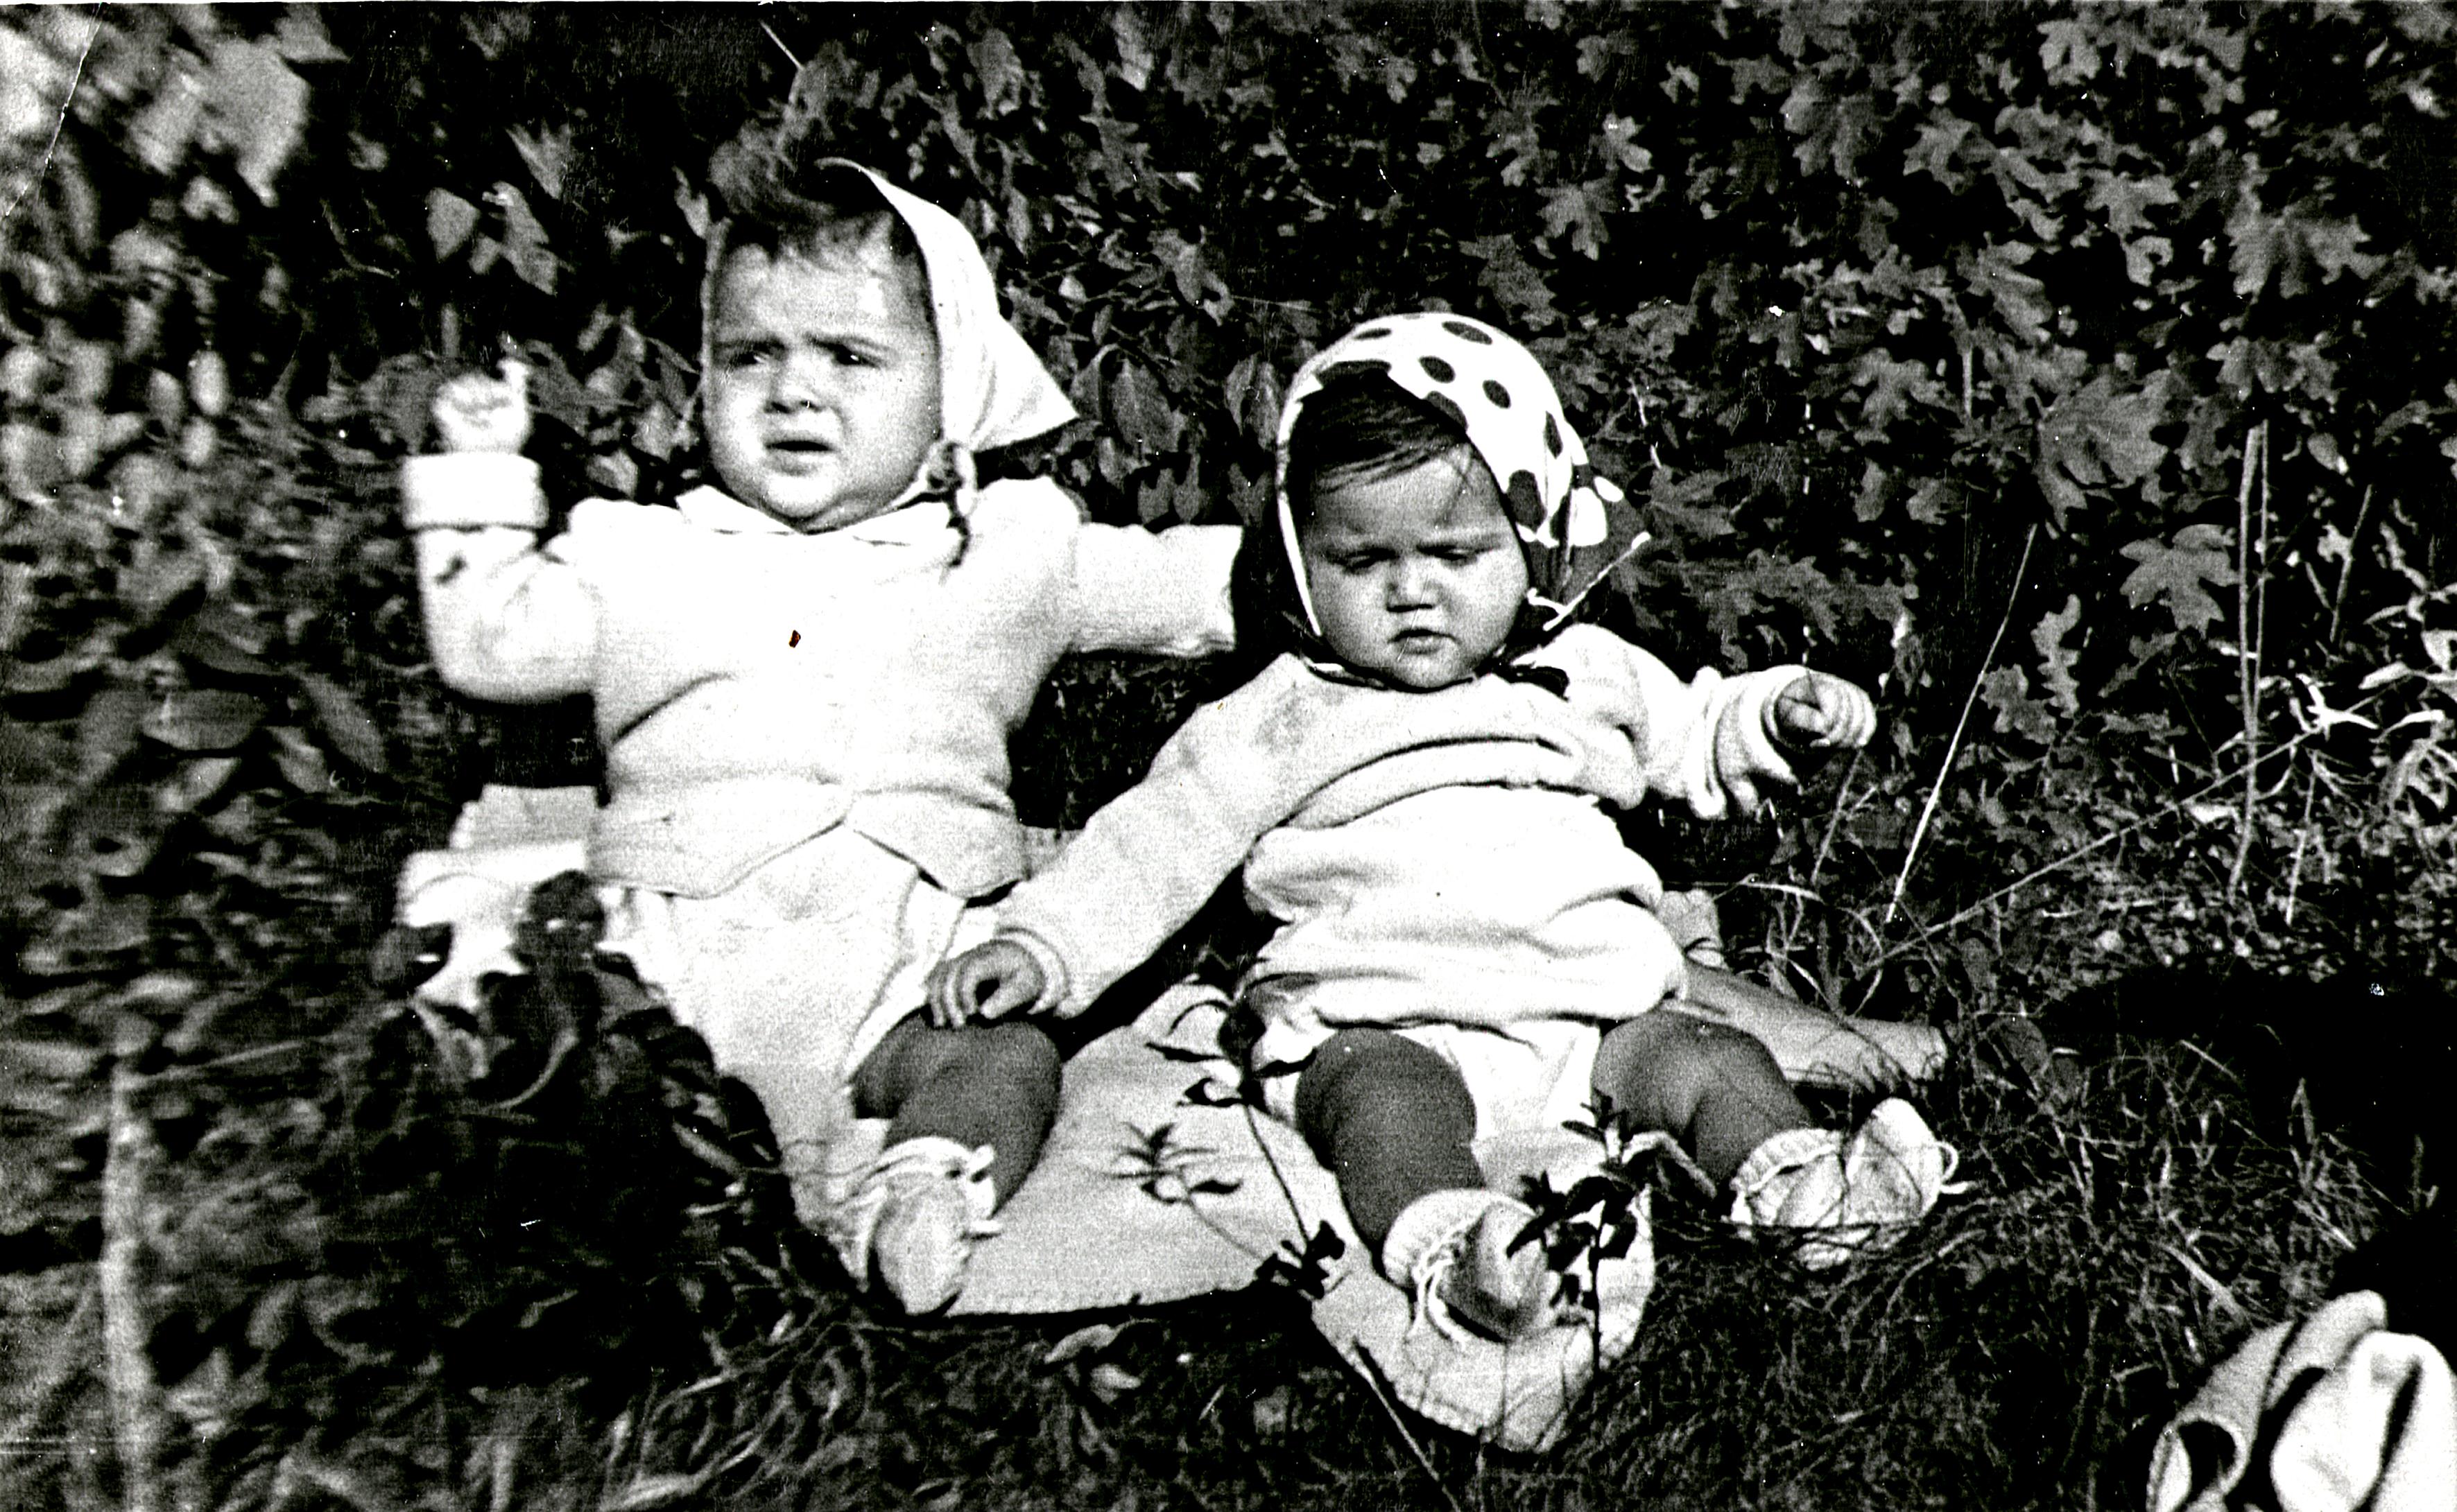 Gazda Katalin és Velenczei Ágnes